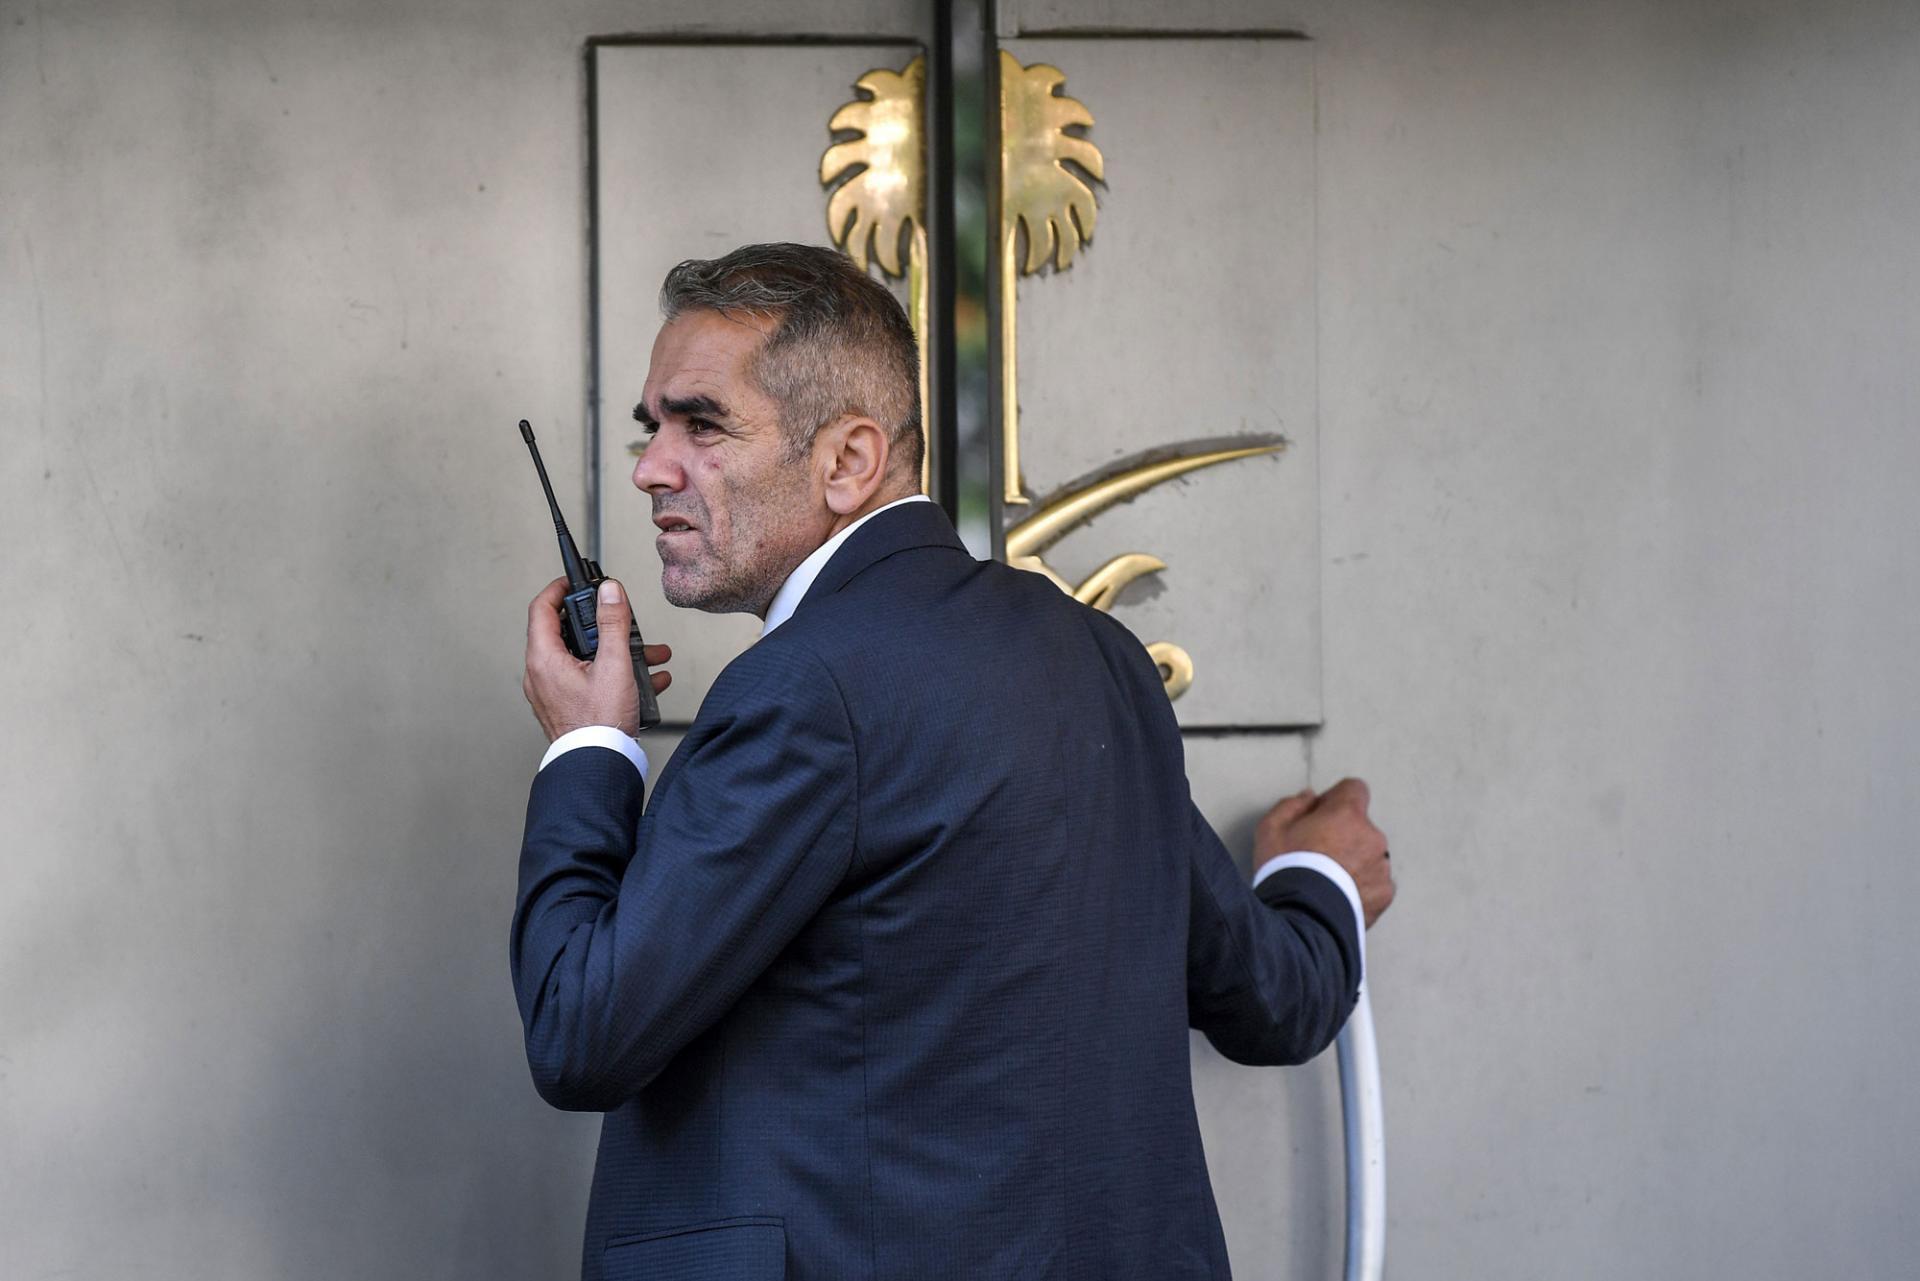 بالفيديو  ..  مفاجأة ..  مواطن تركي أبلغ المحققين بأنه سمع صوت عراك وصراخ أثناء تواجد خاشقجي في القنصلية